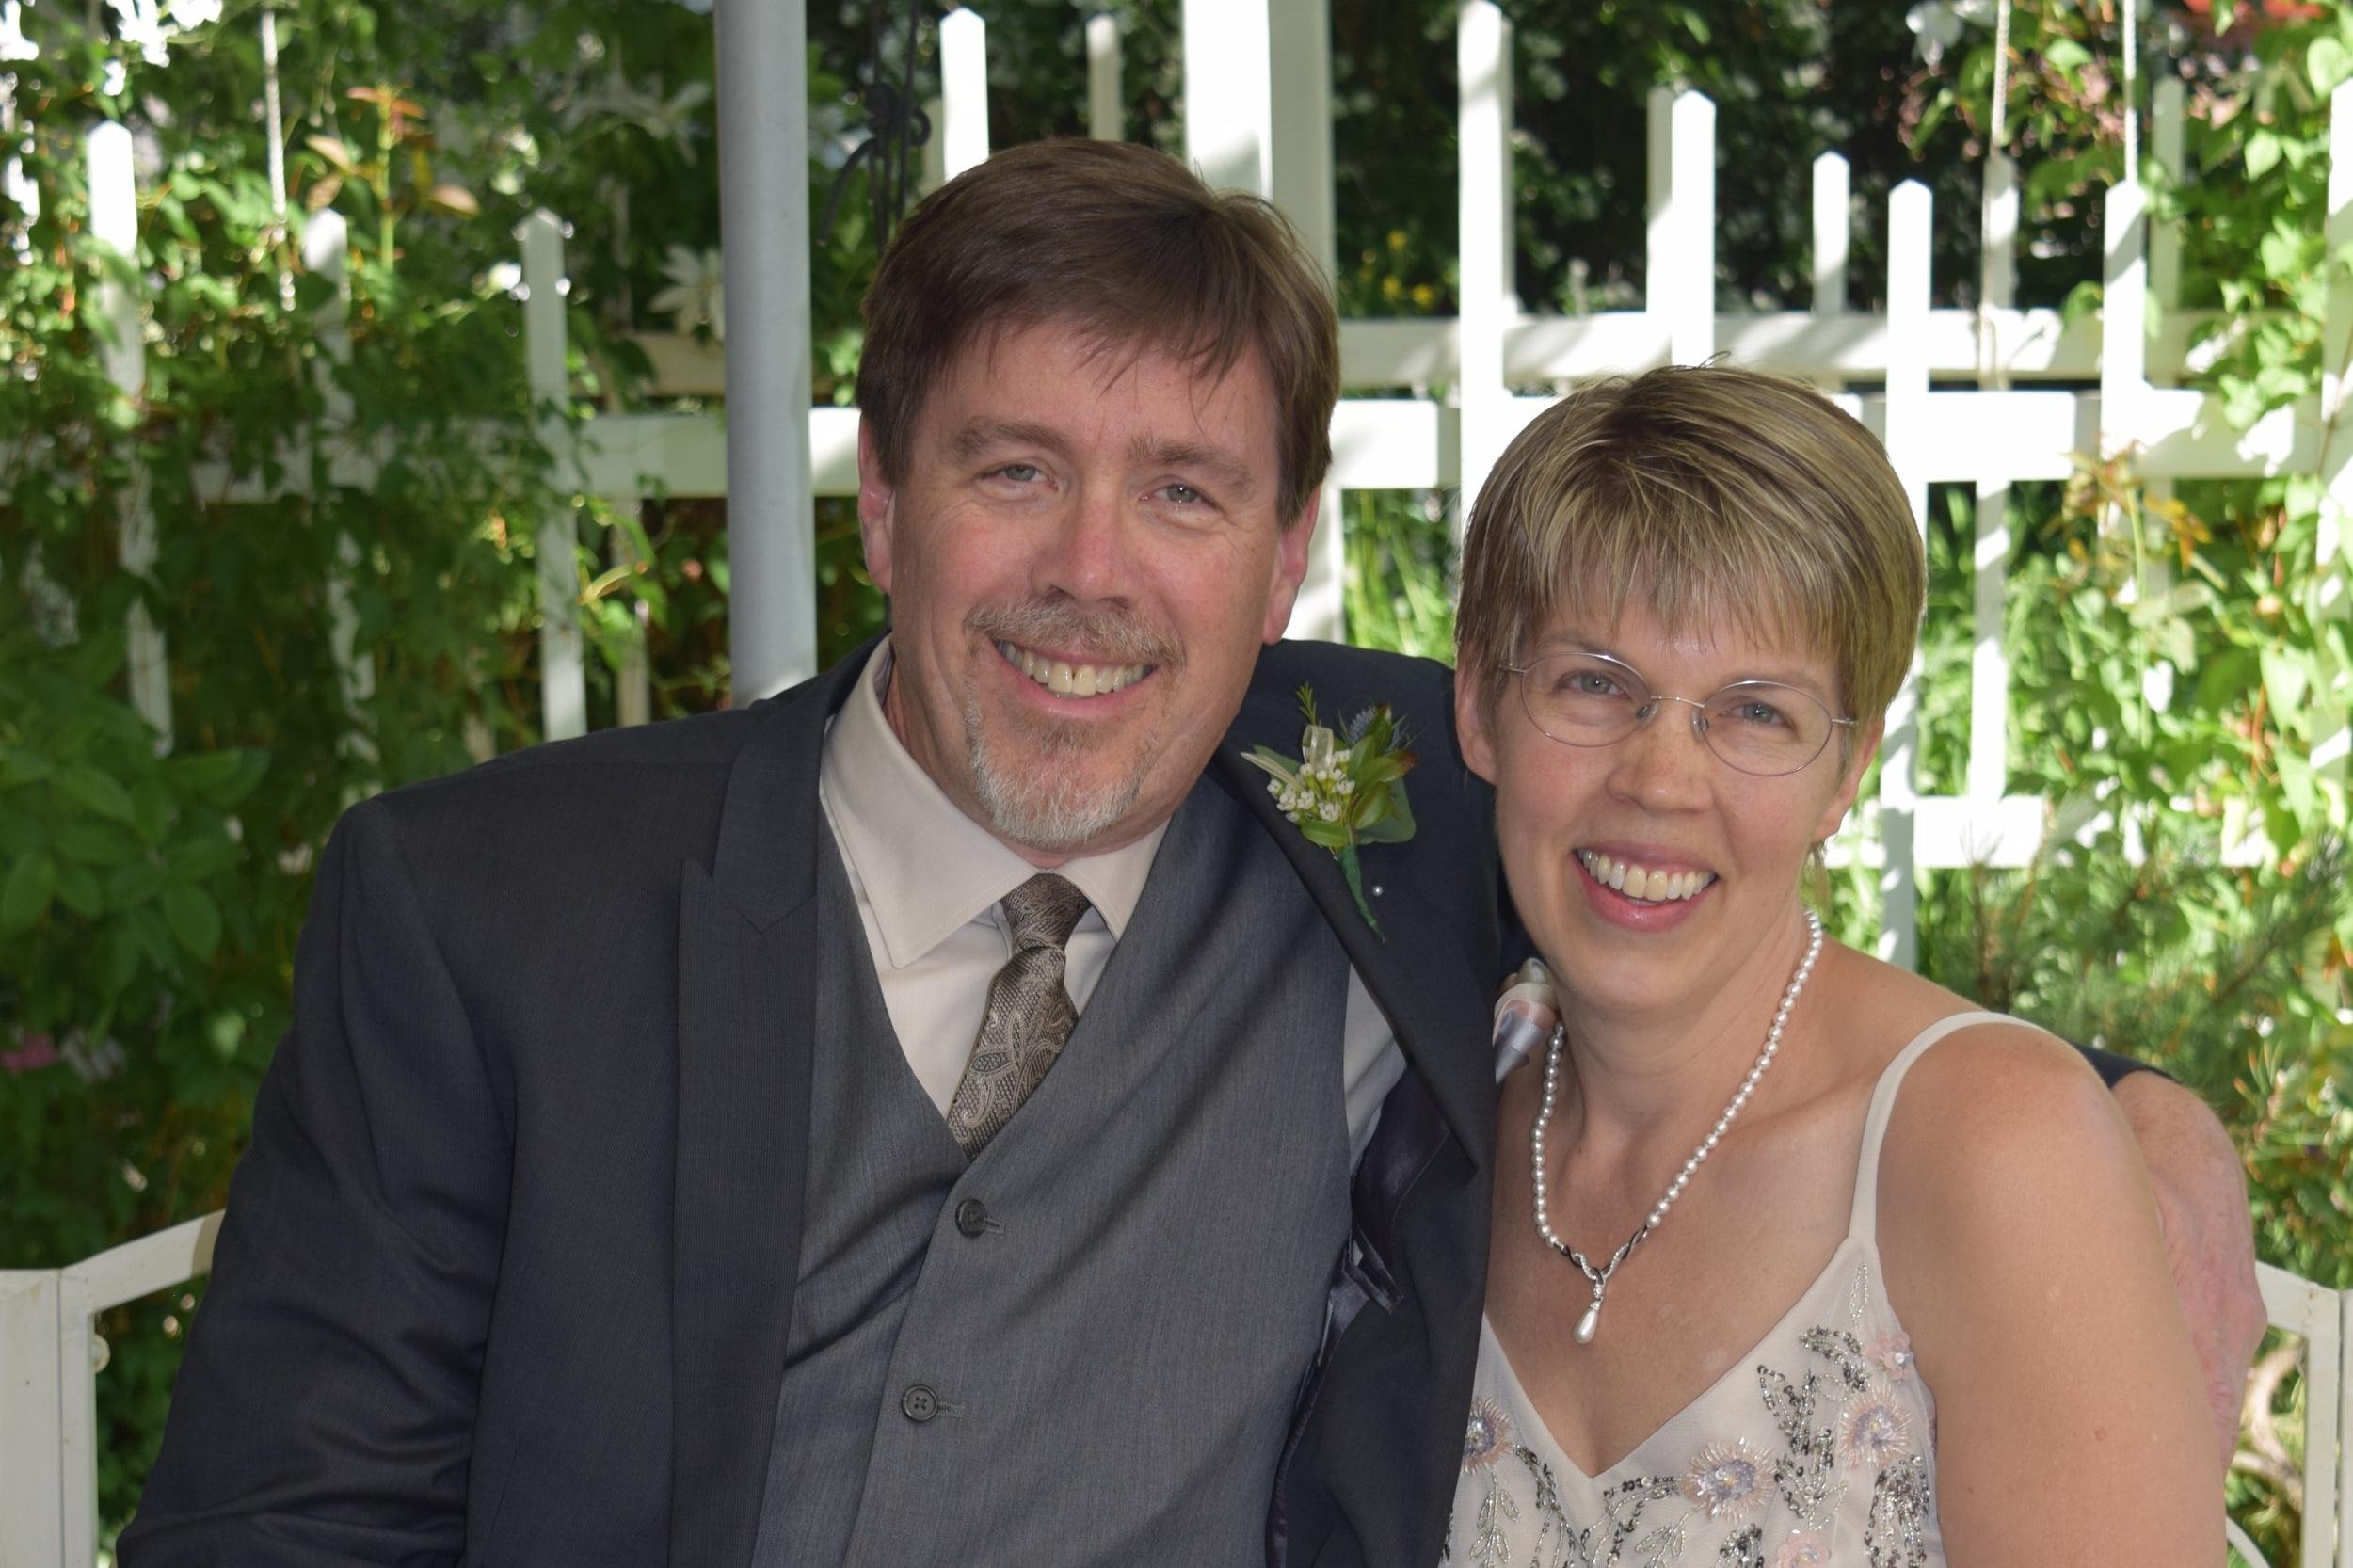 Dr. Kela Haller Ness and Husband